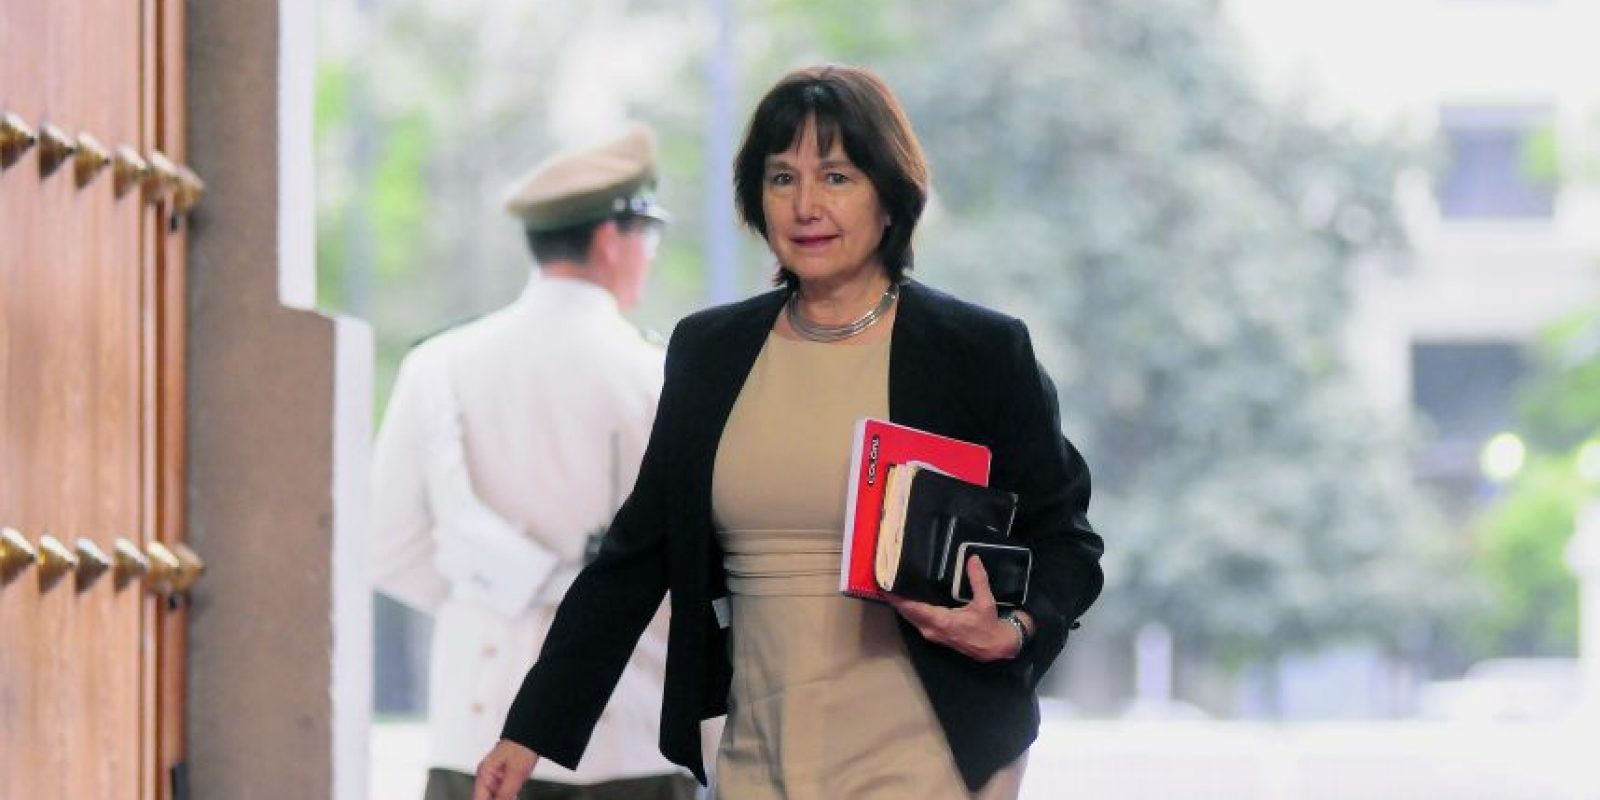 """Sin embargo, la Ministra de salud, Carmen Castillo, dijo a Publimetro que los hospitales """"no estarán el 11 de marzo de 2018, sino después"""". Foto:Agencia Uno. Imagen Por:"""